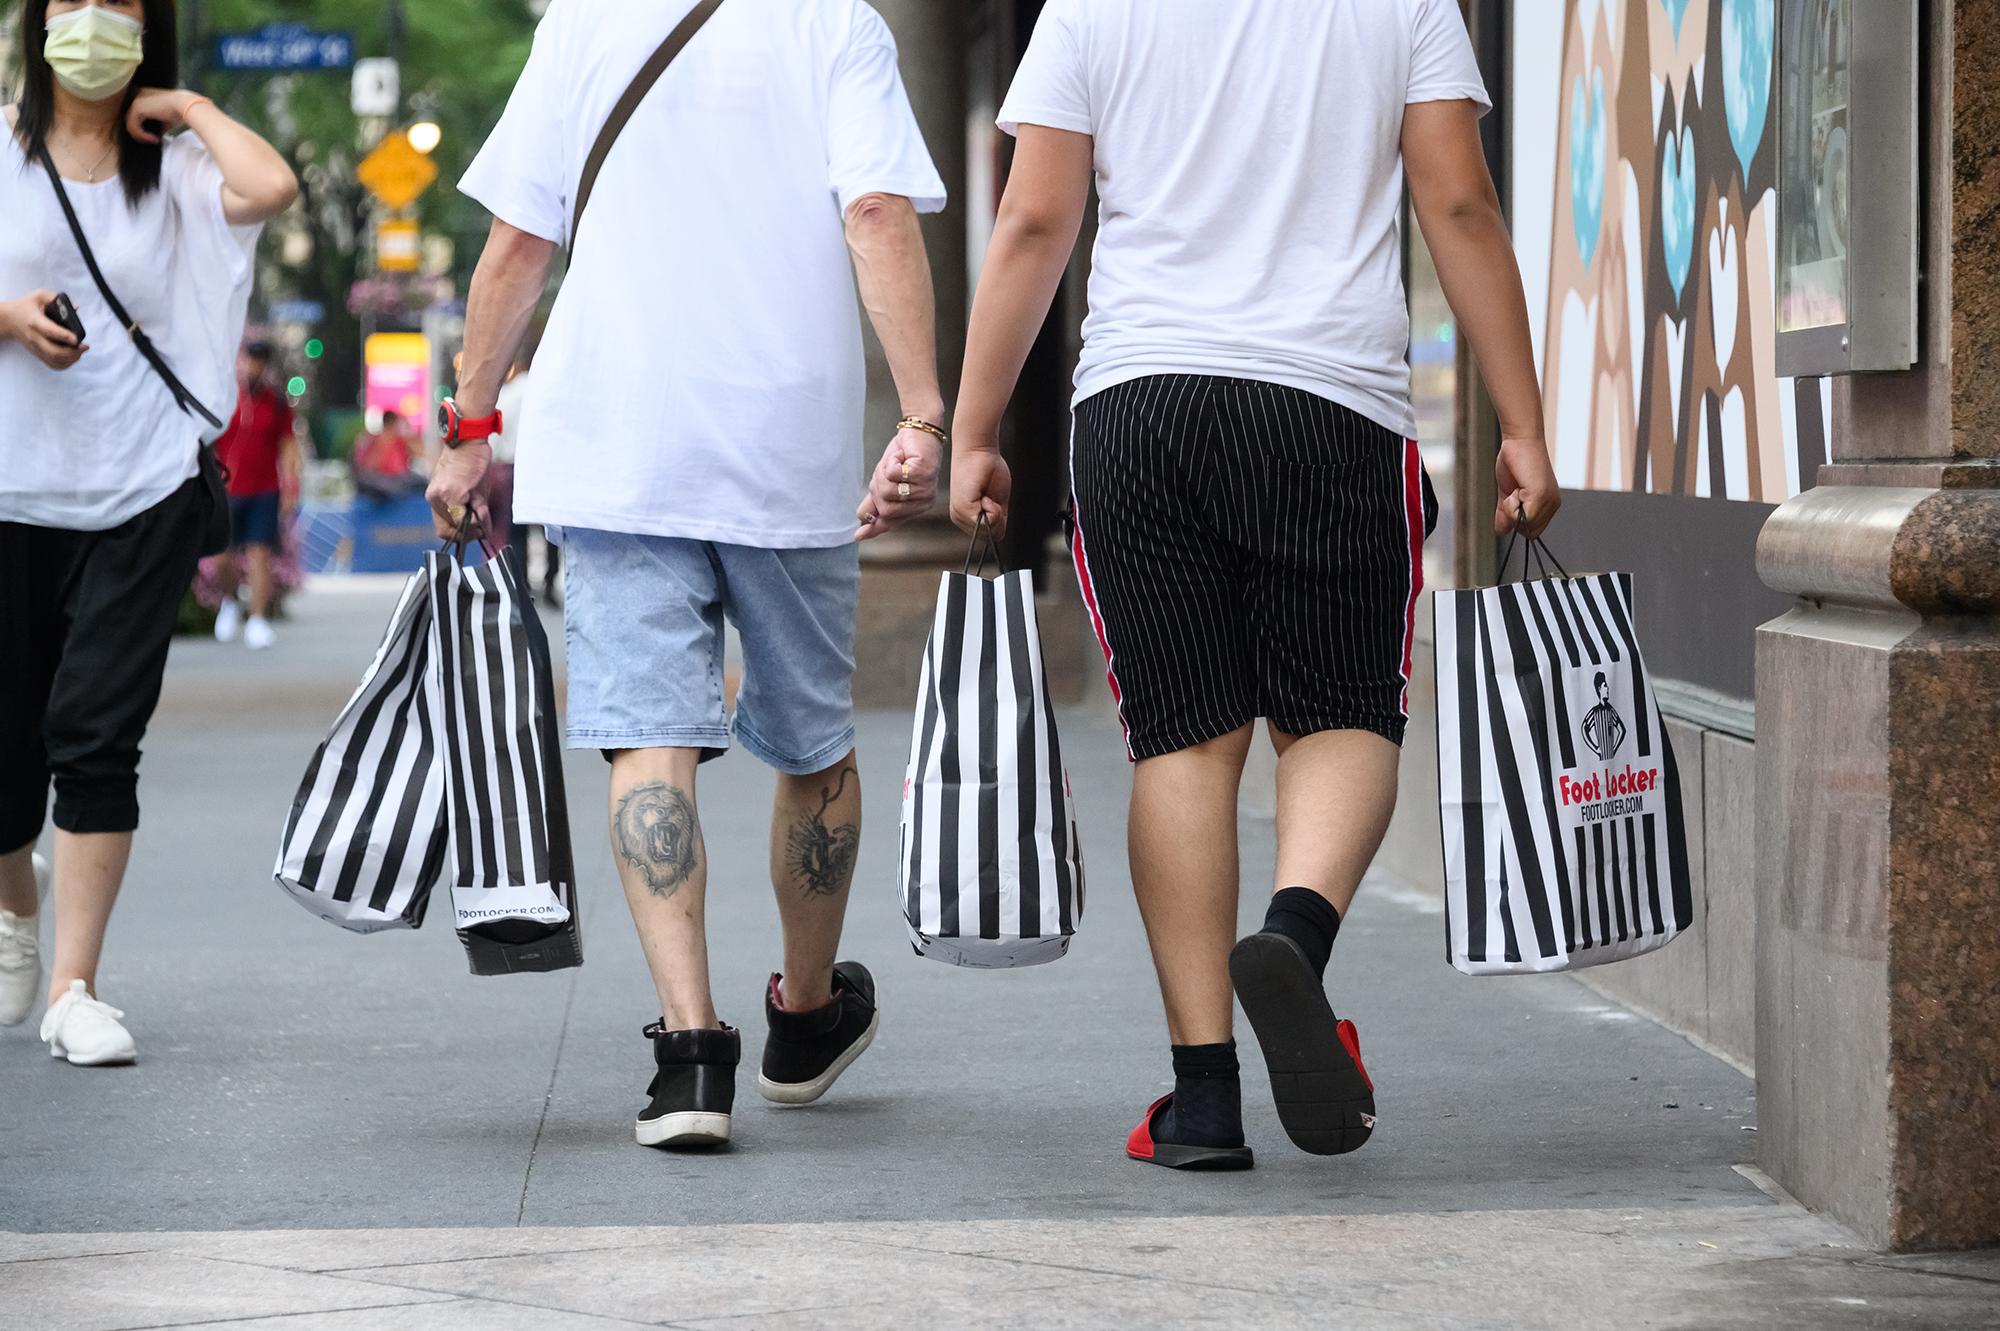 Foot Locker is booming as people spend their stimulus on sneakers